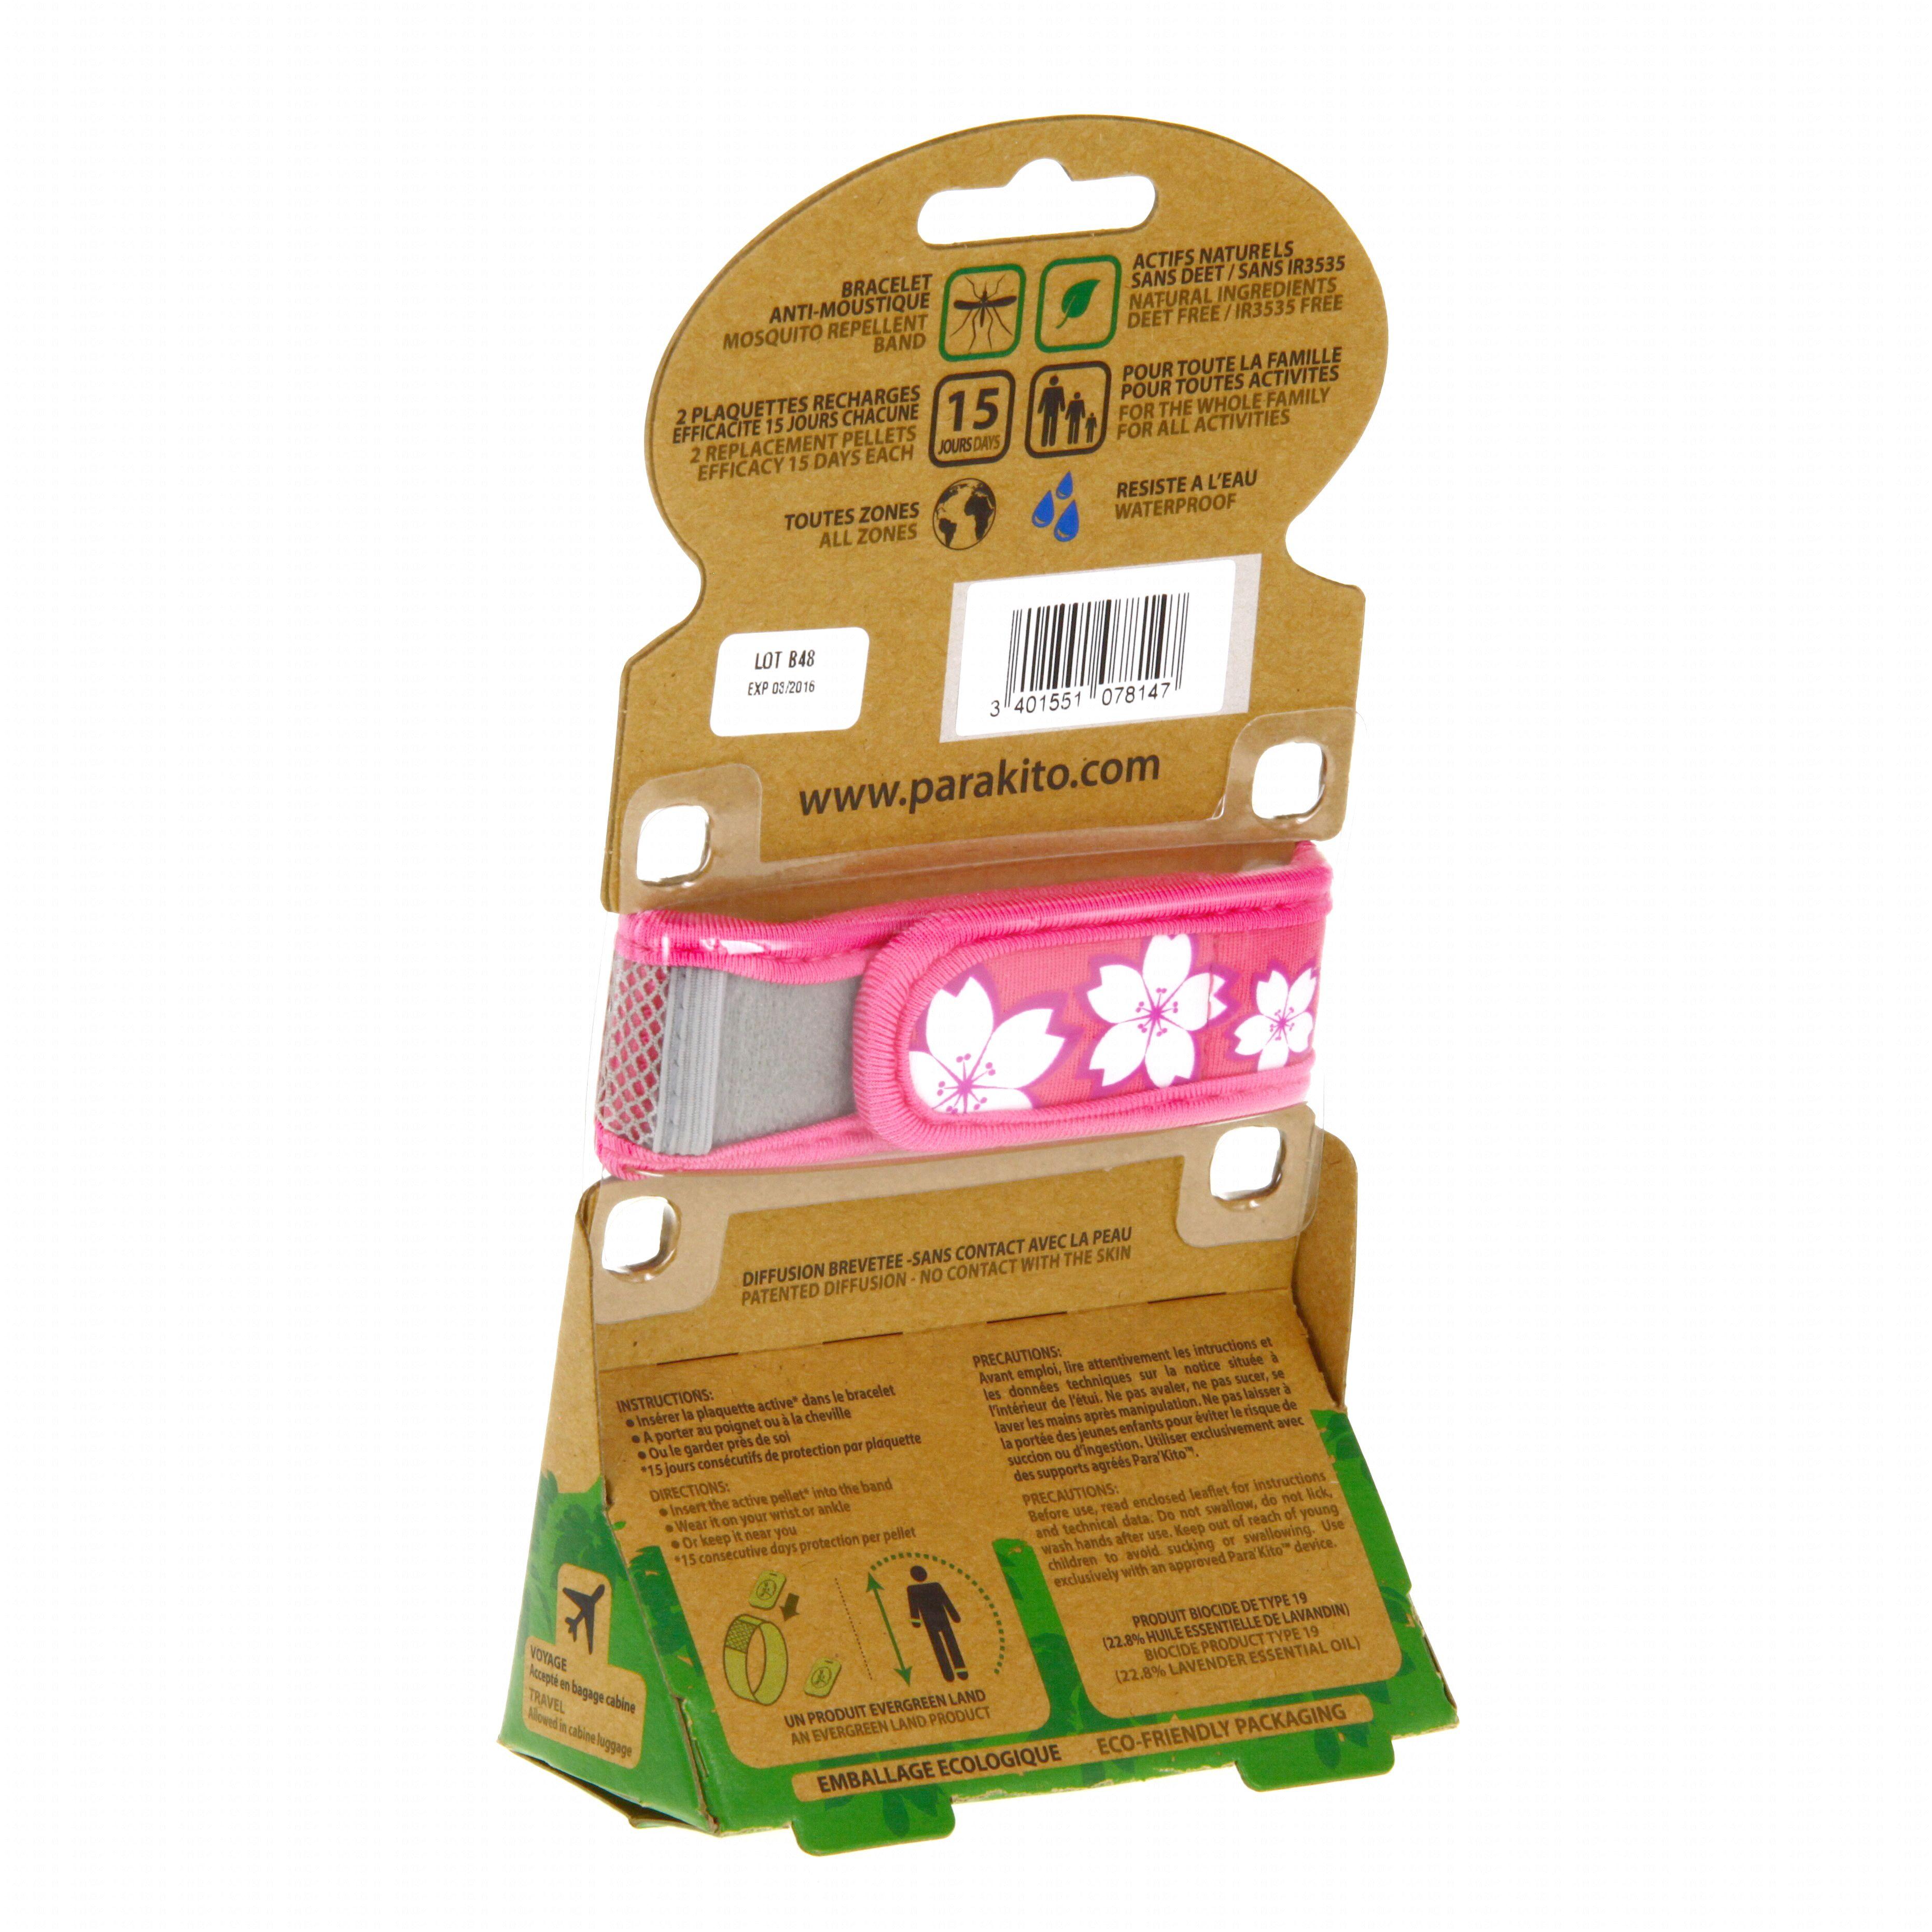 para 39 kito bracelet anti moustique rose motifs fleurs 2 recharges idim parapharmacie en ligne. Black Bedroom Furniture Sets. Home Design Ideas